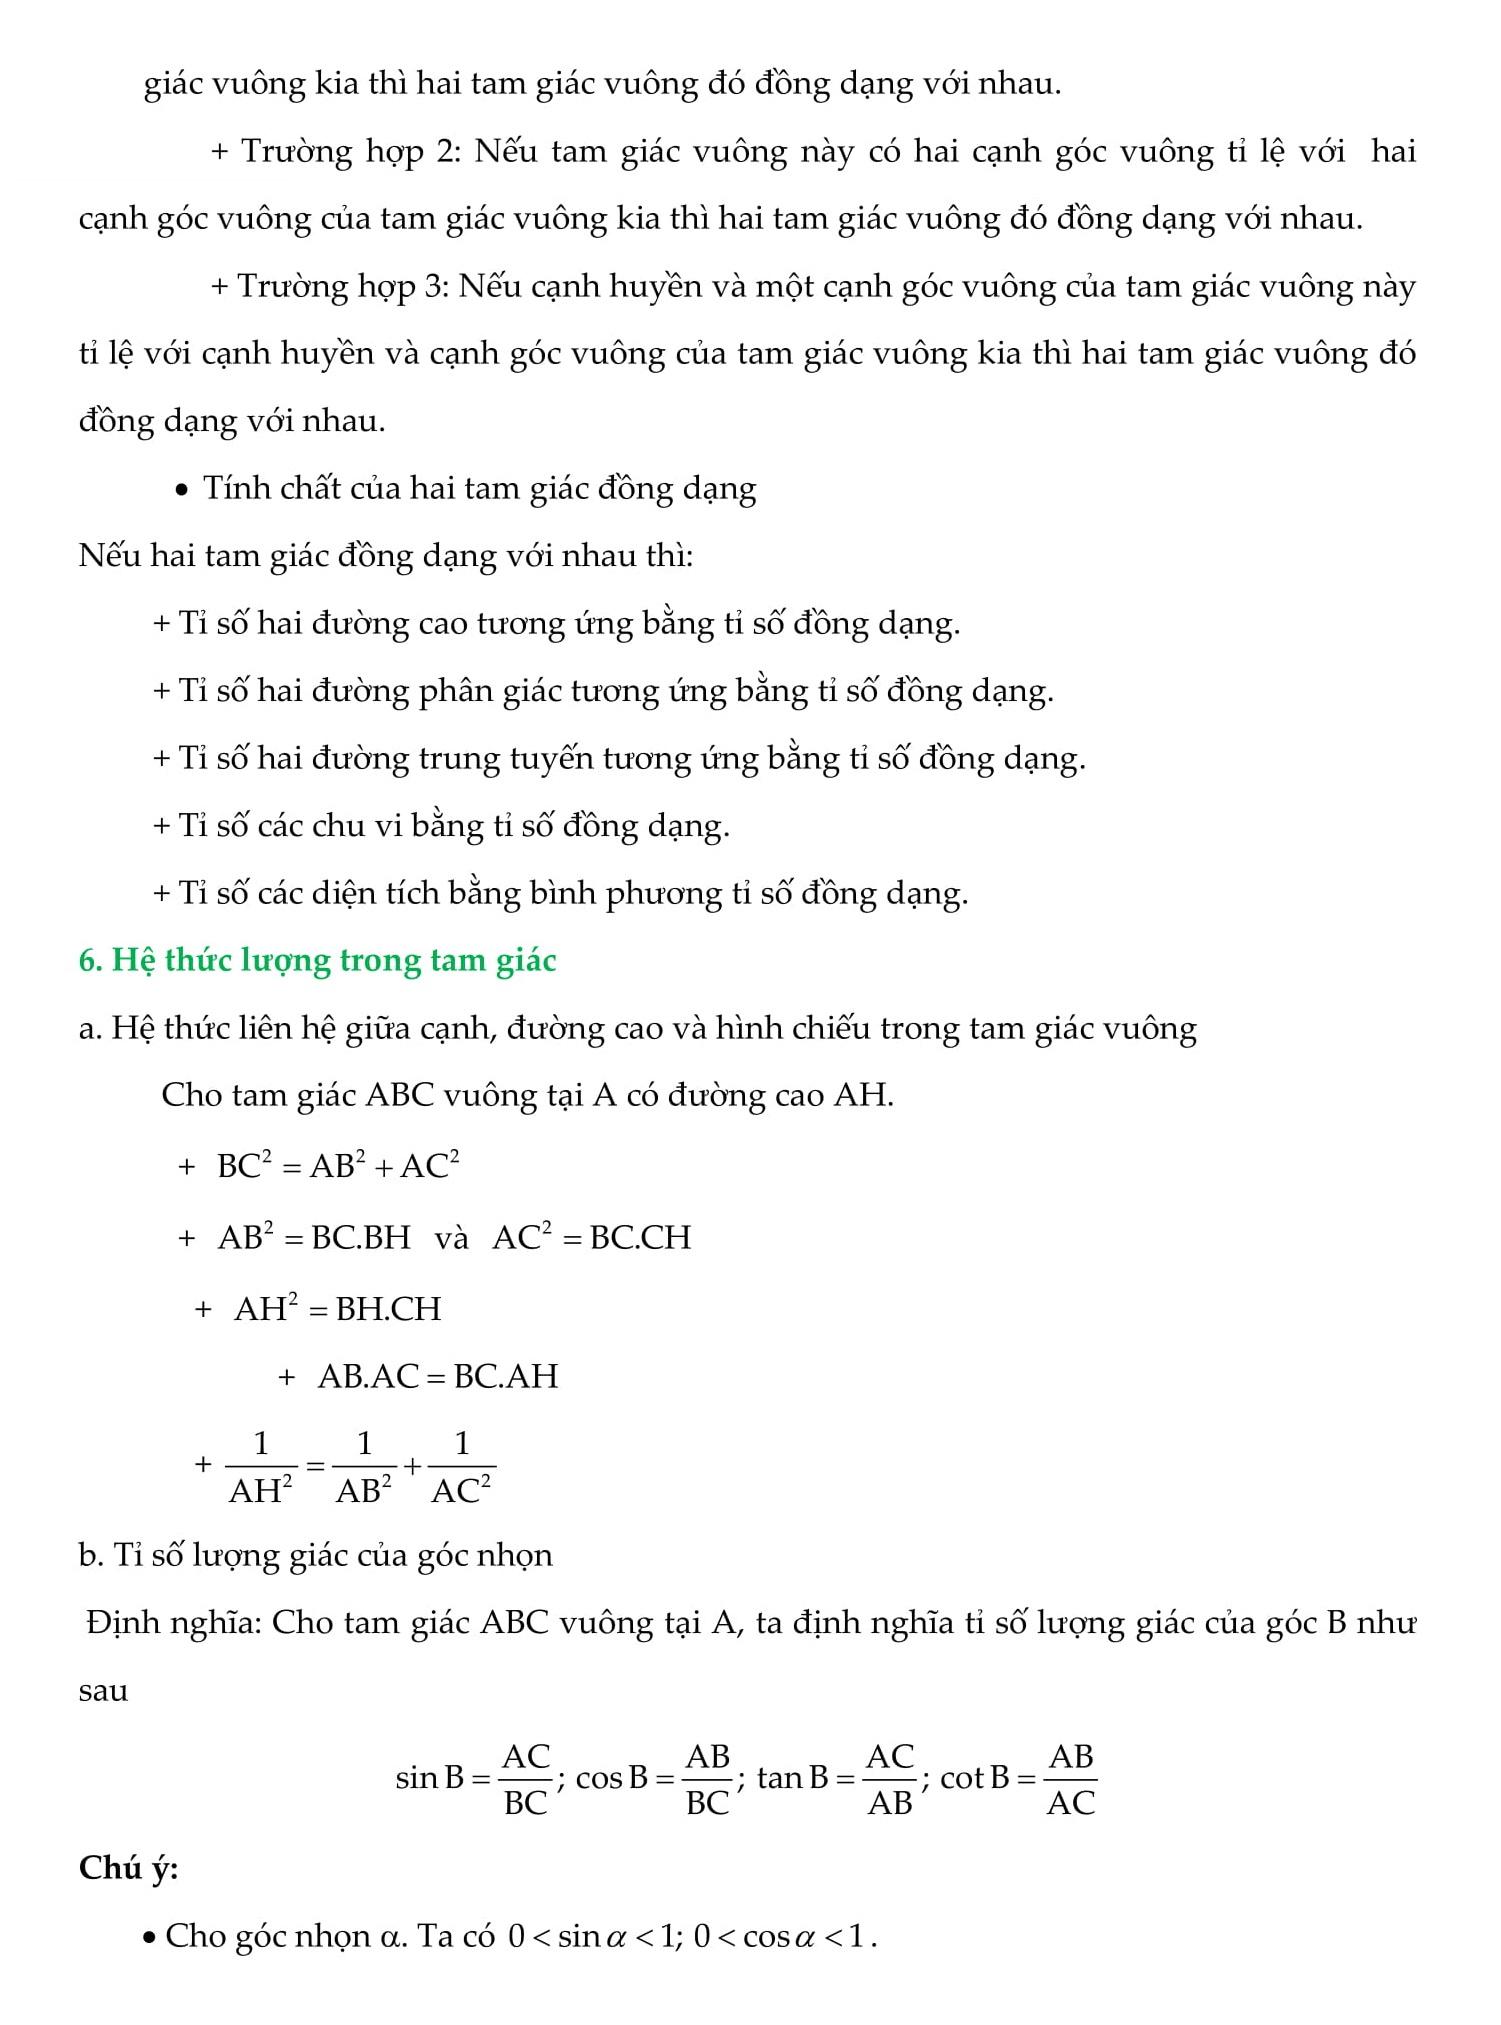 Tam giác và hệ thức lượng trong tam giác - Toán 9